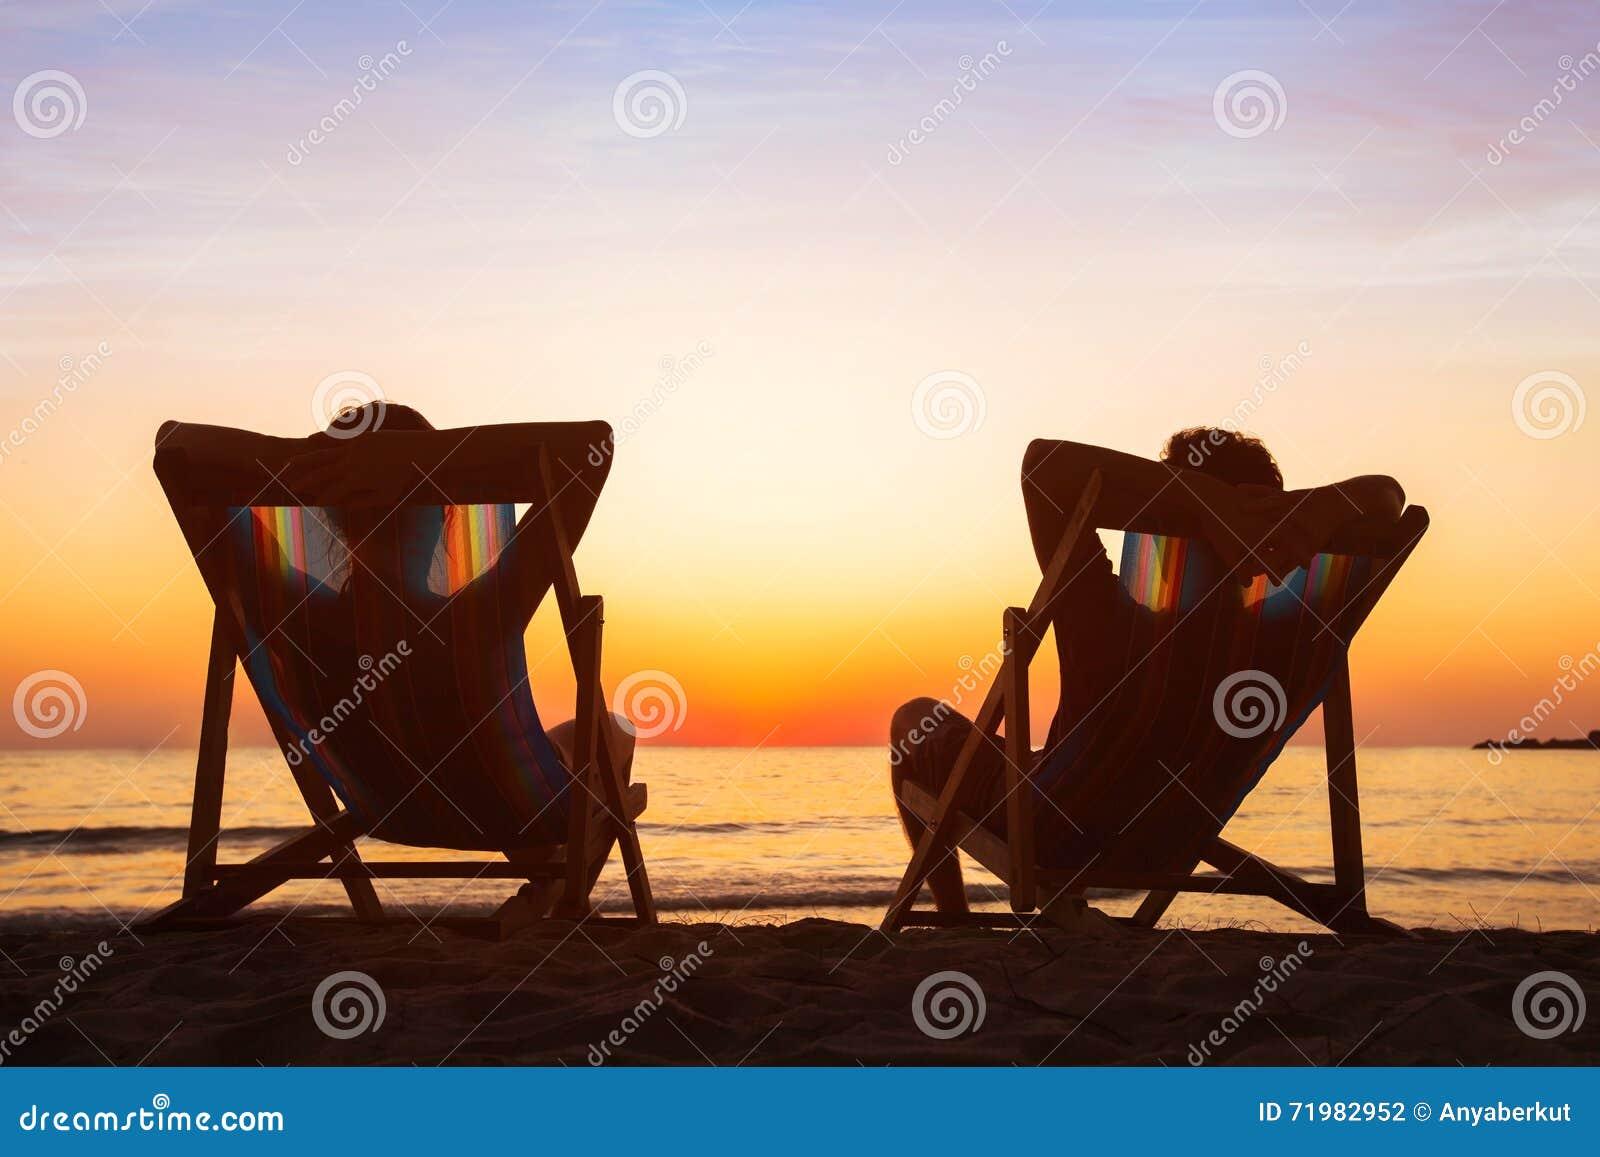 Aprecie o conceito da vida, par que relaxa no hotel da praia